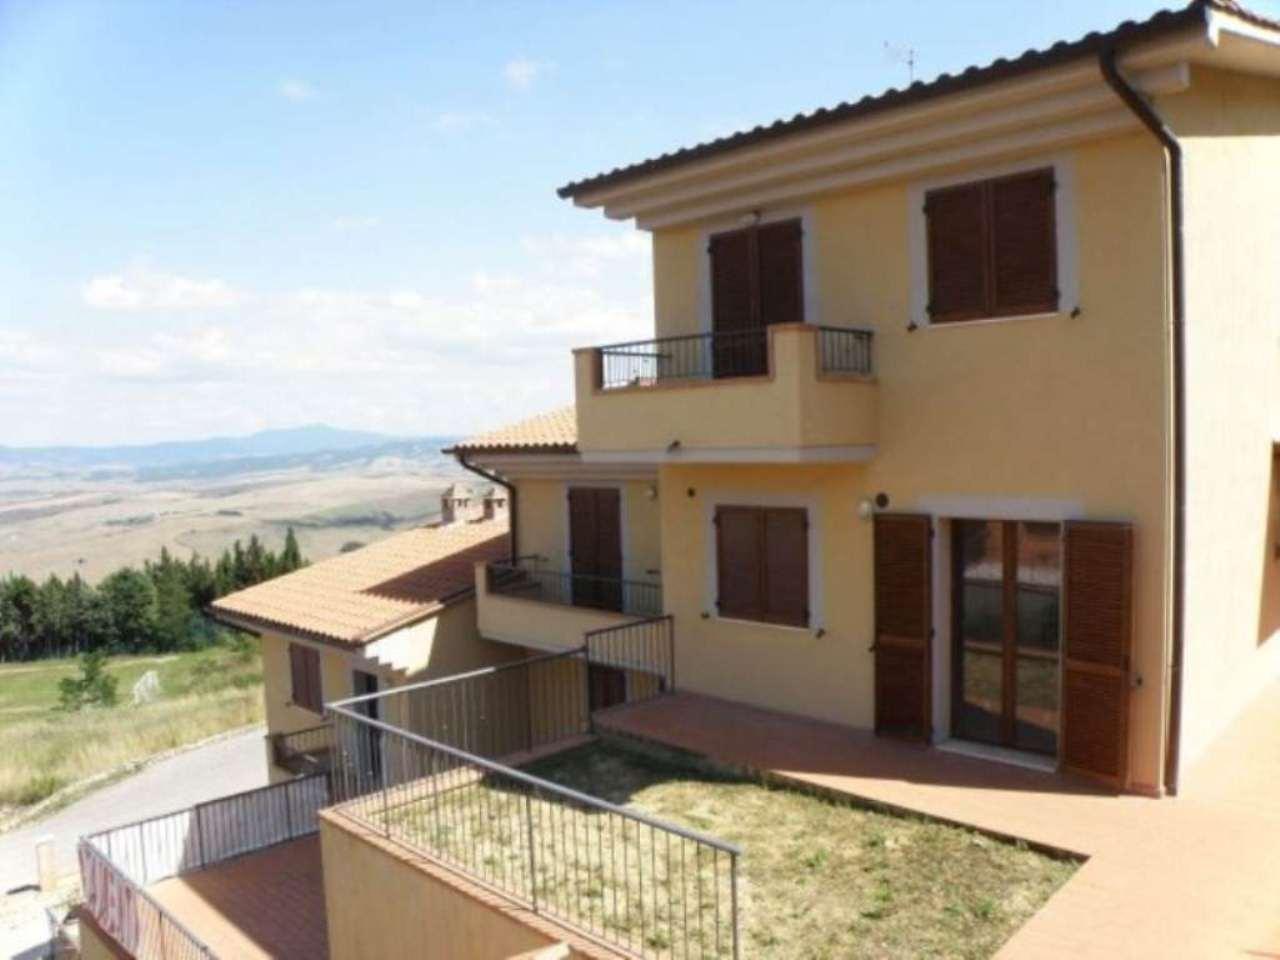 Appartamento in affitto a Castiglione d'Orcia, 5 locali, prezzo € 450 | Cambio Casa.it